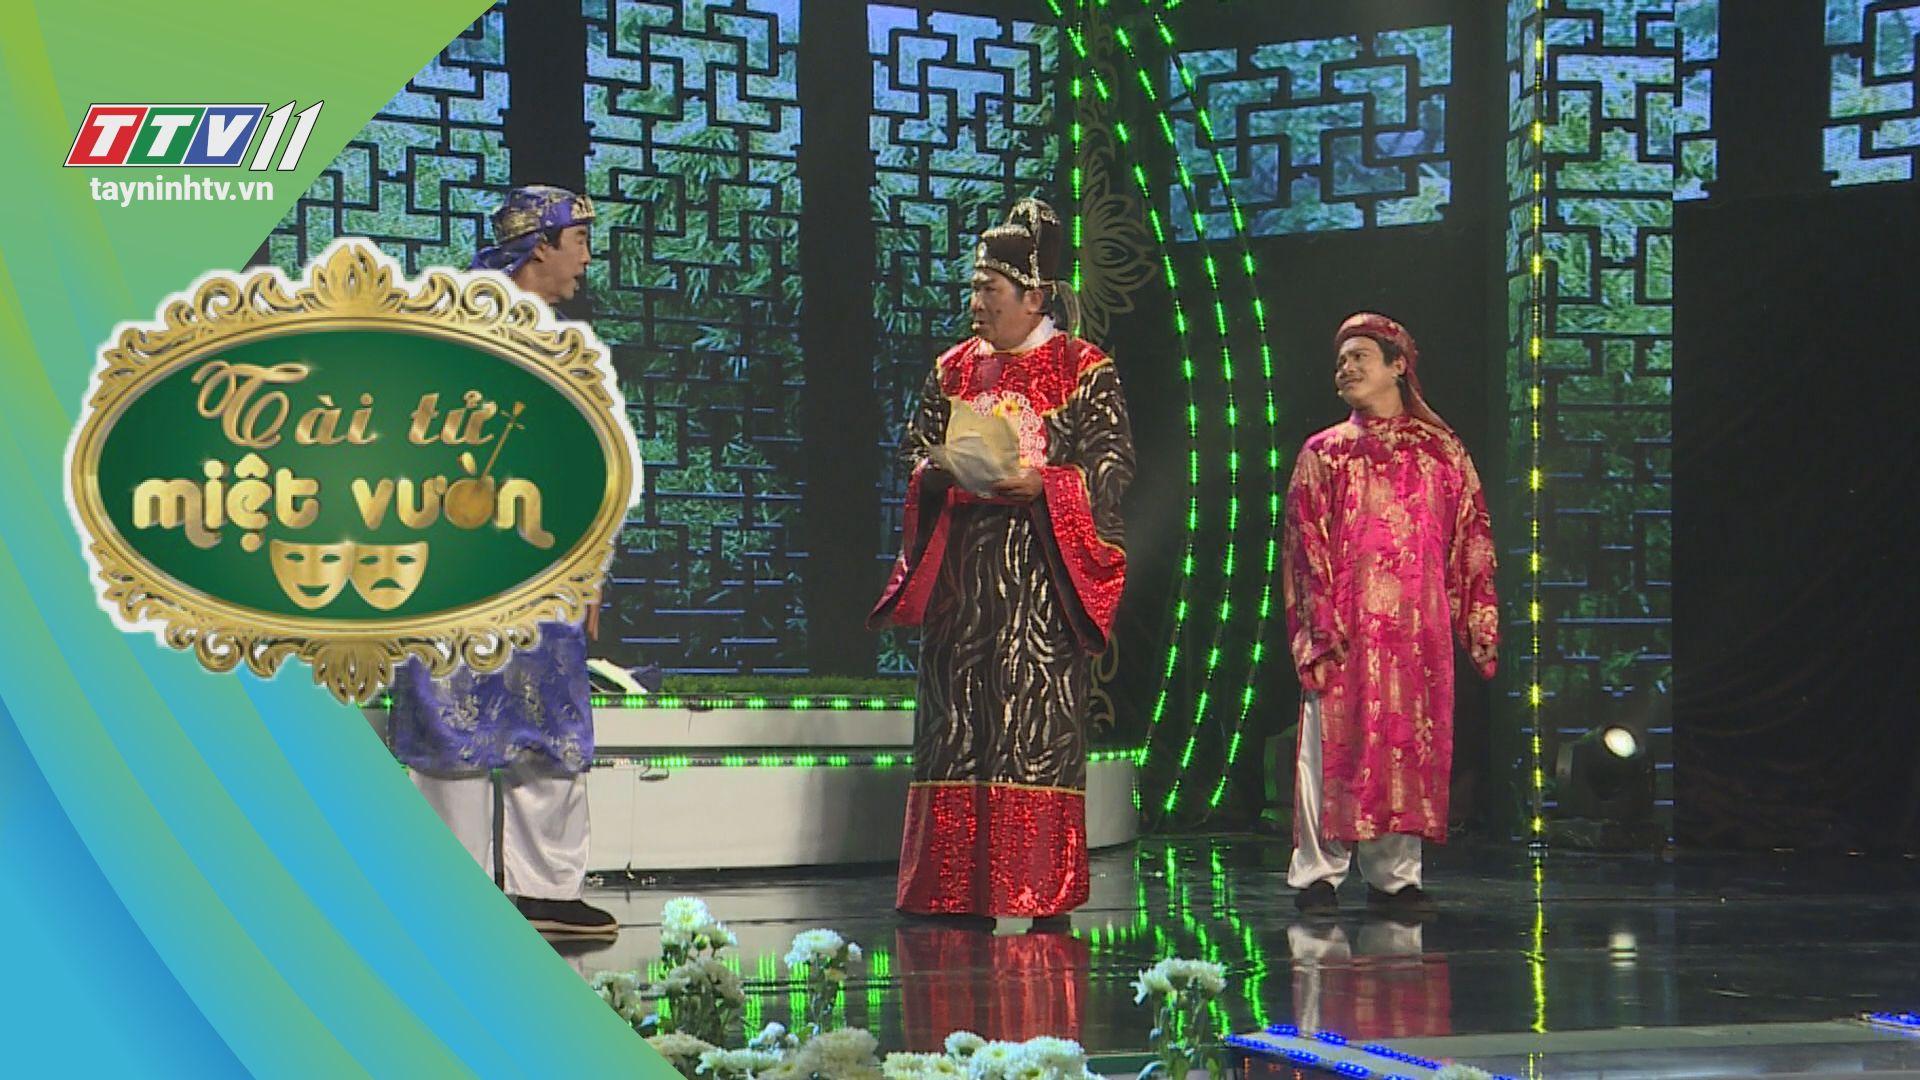 Tài tử miệt vườn - Tập 12 | Tây Ninh TV hợp tác THDT